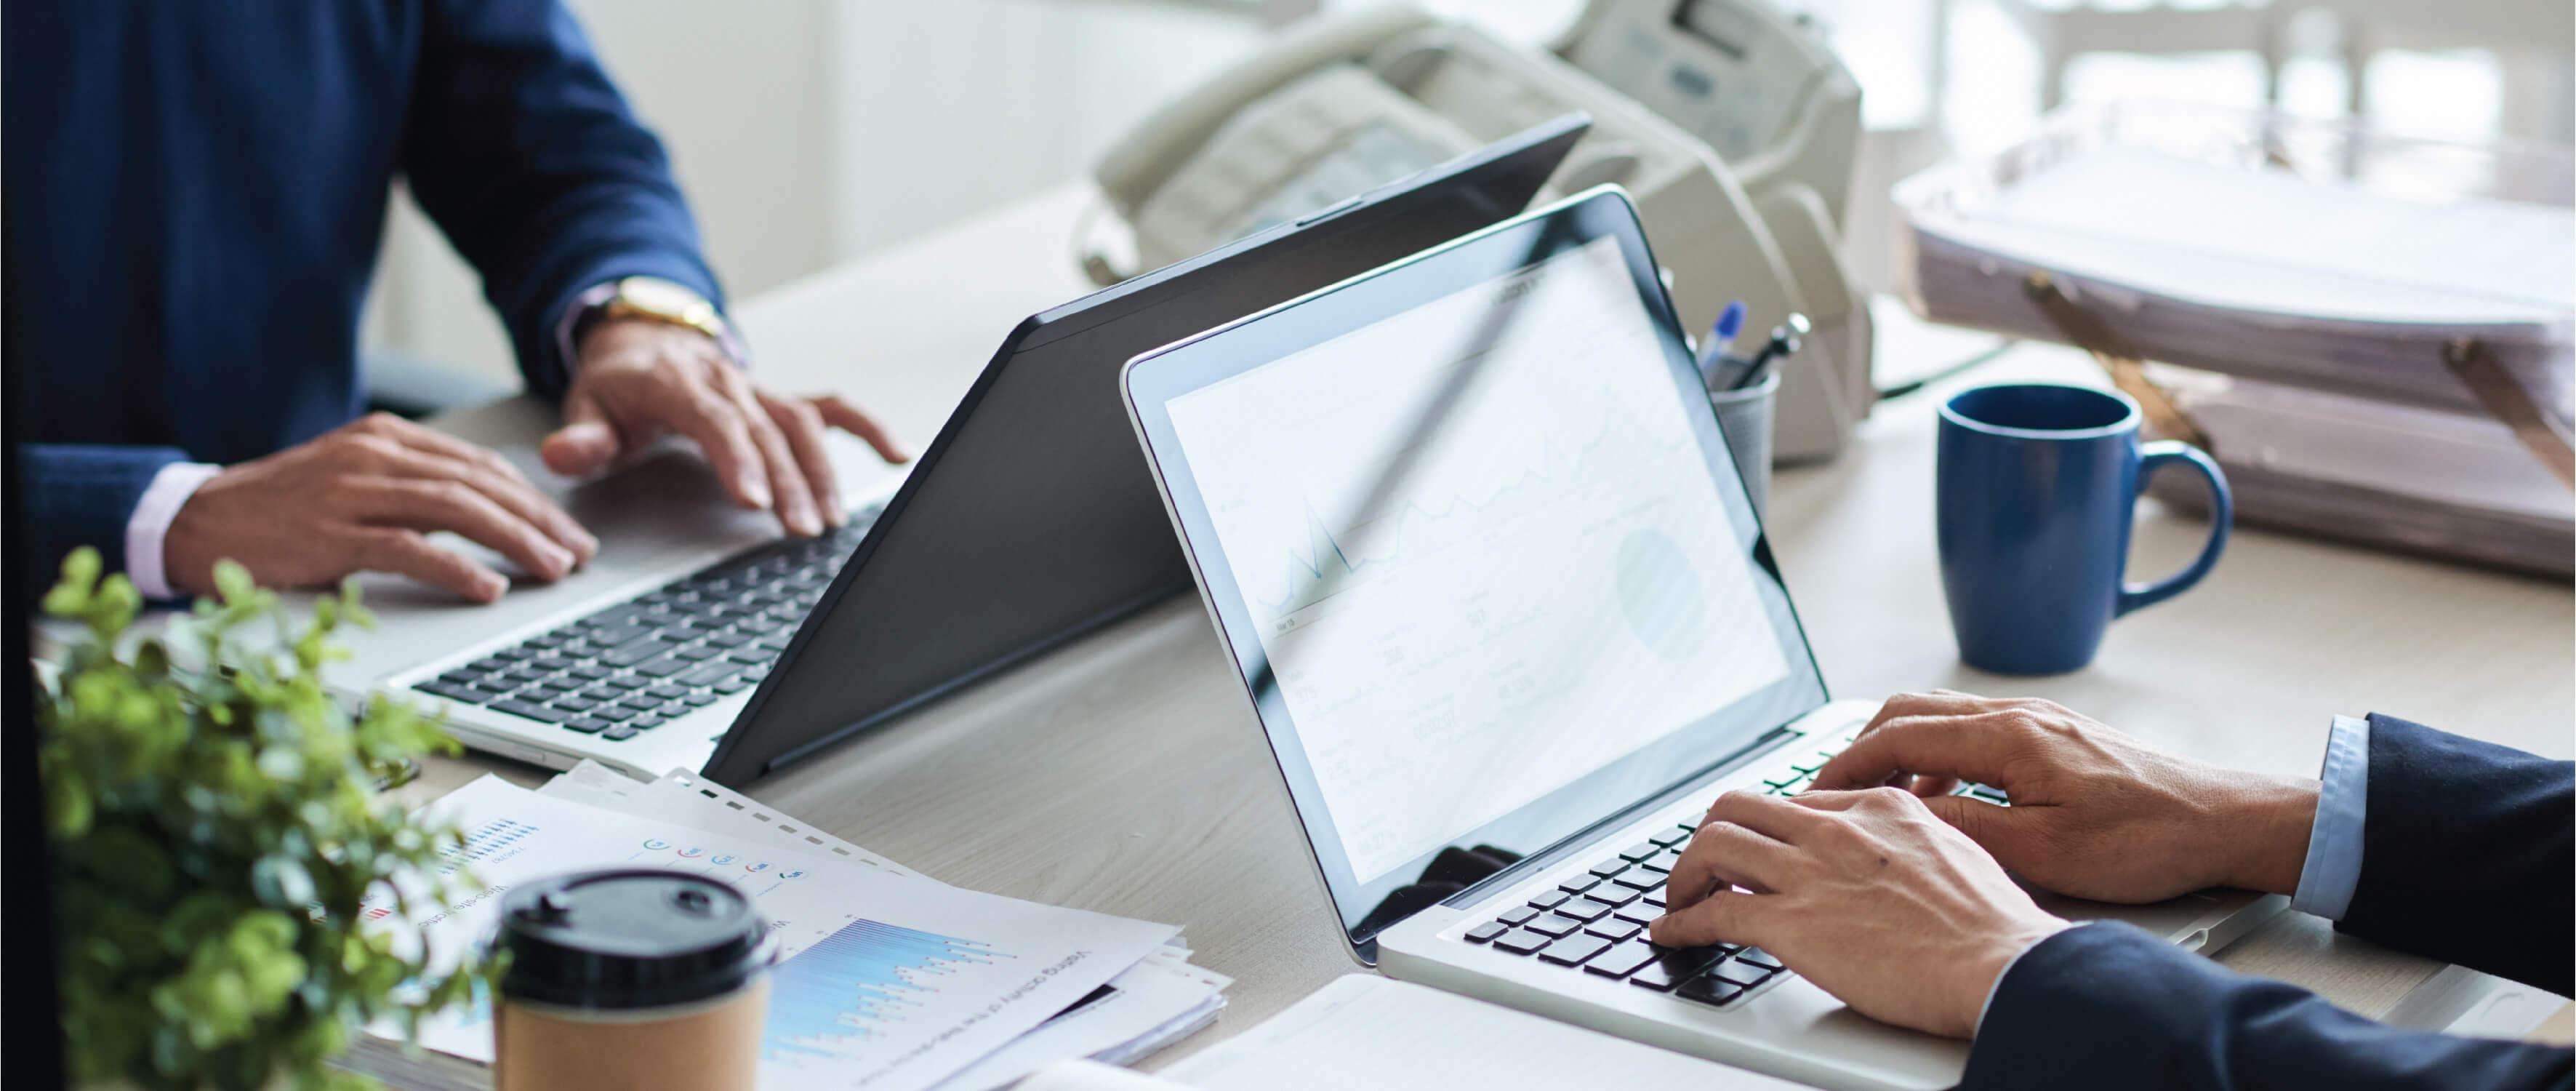 reducir-gastos-operativos-de-una-empresa-aumentar-ganacias